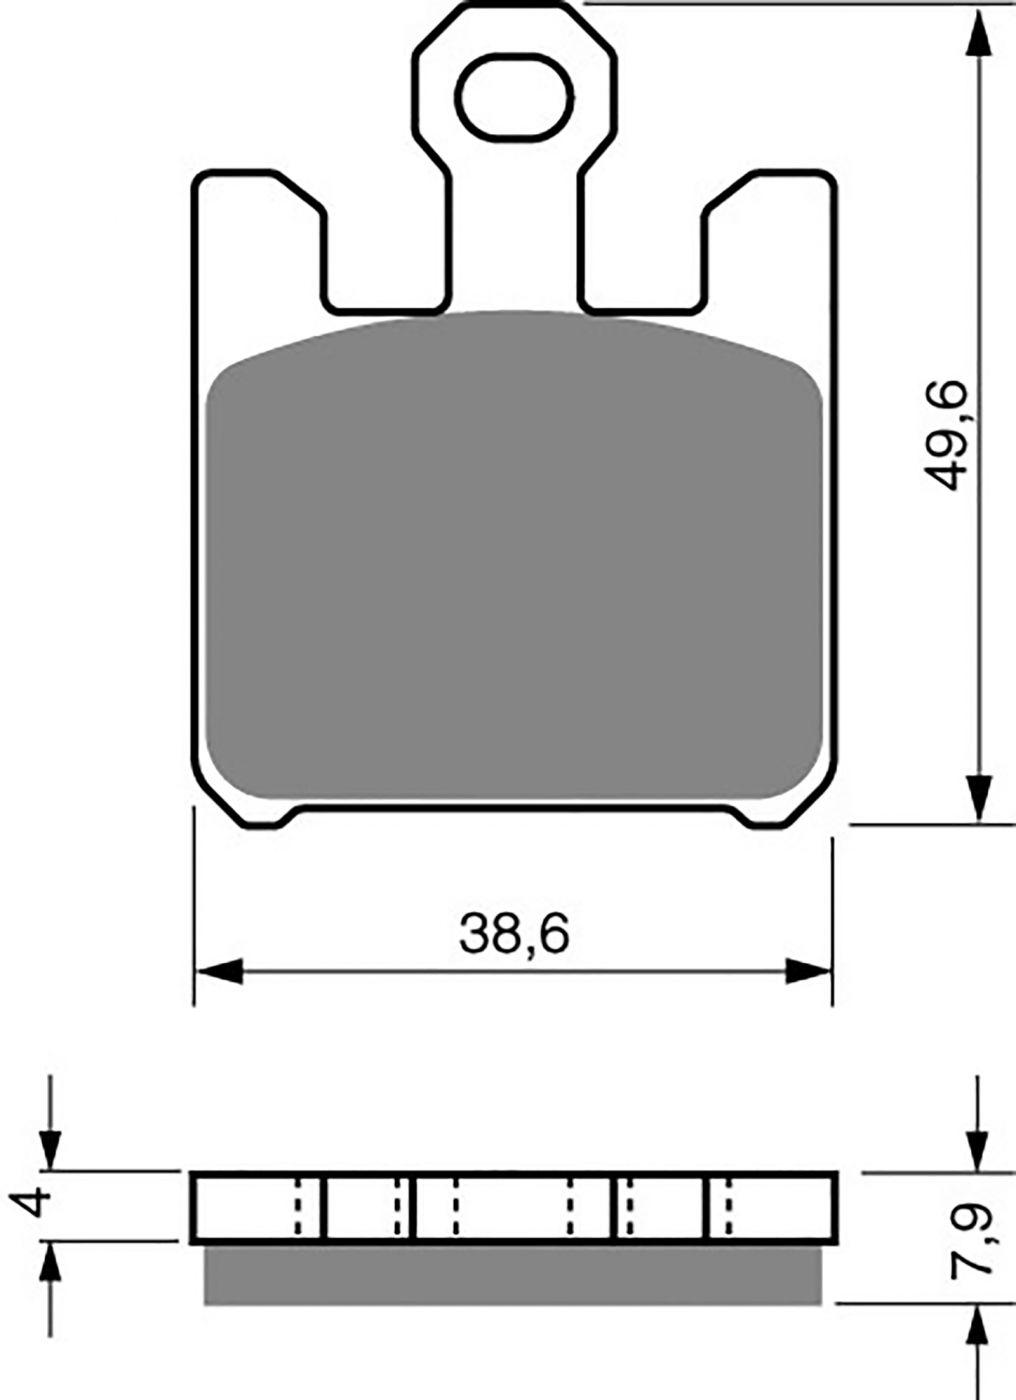 Goldfren Gp5 Brake Pads - 700200GG image